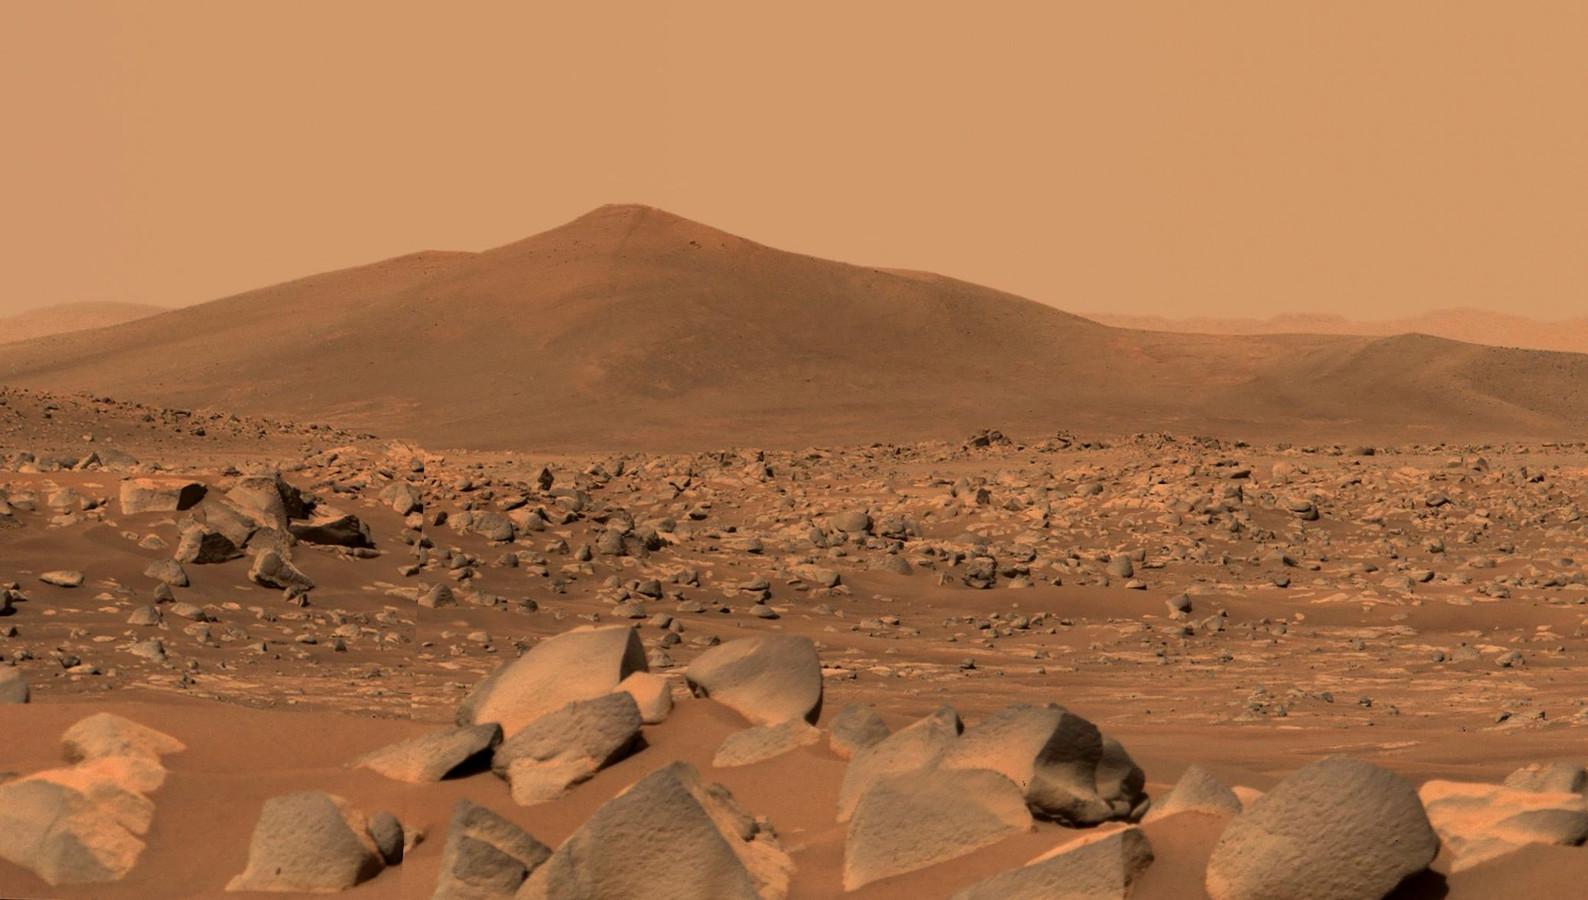 Een beeld dat Marsrover Perseverance doorstuurde van de rotsen nabij de 'Santa Cruz'-berg op de planeet.